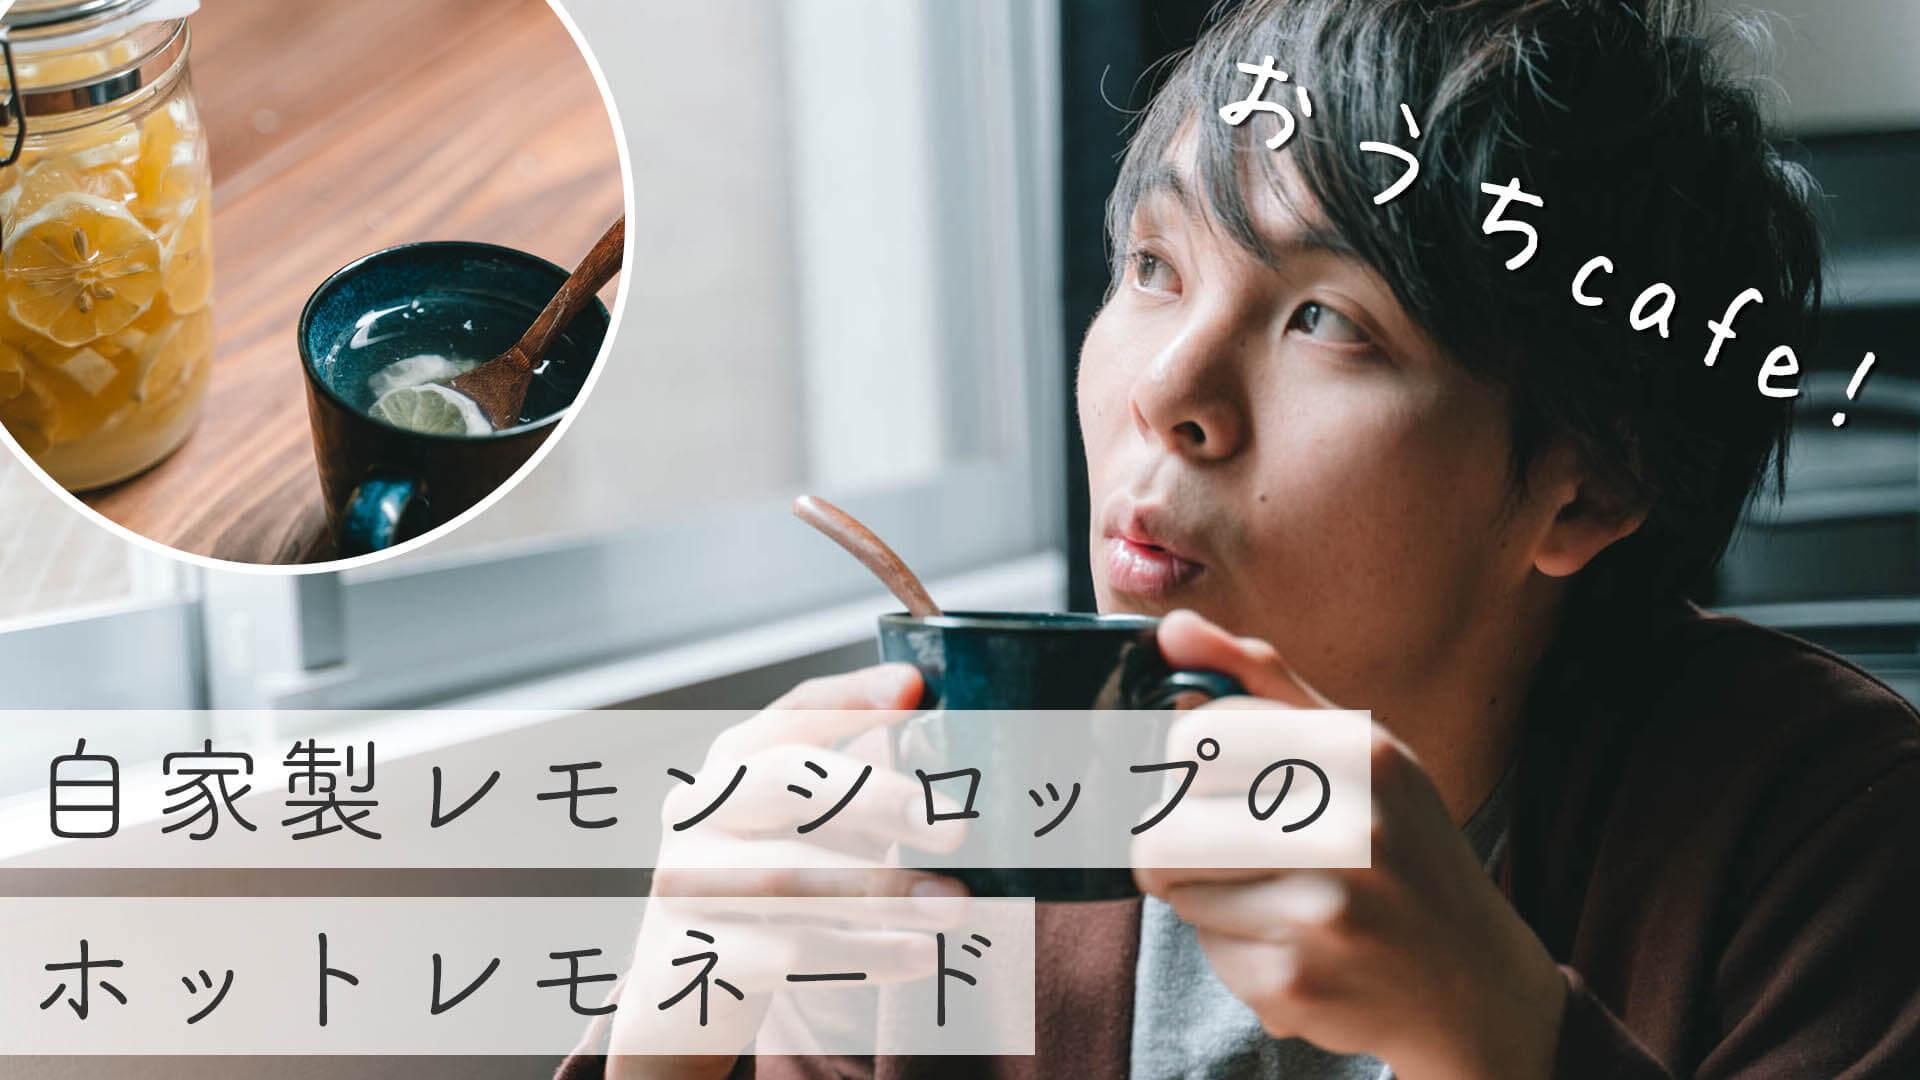 【おうちカフェ】自家製のレモンシロップを使って作る、ホットレモネード